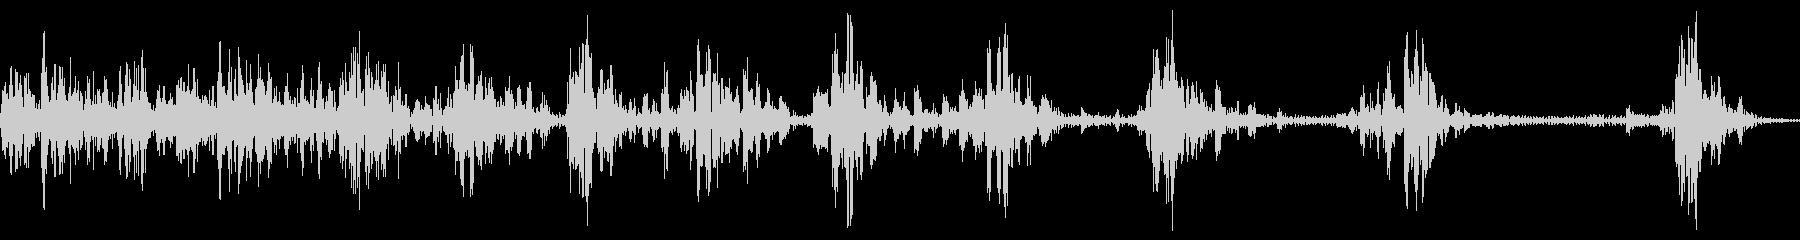 カータイヤフロップイン、ストップの未再生の波形